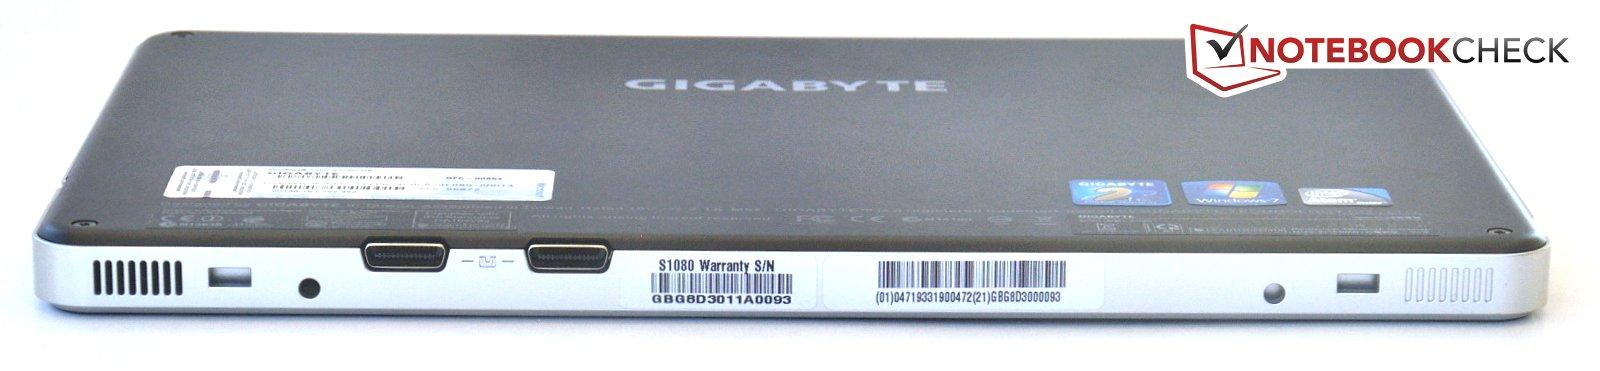 Gigabyte S1080 Slate Action Bar Driver Windows 7